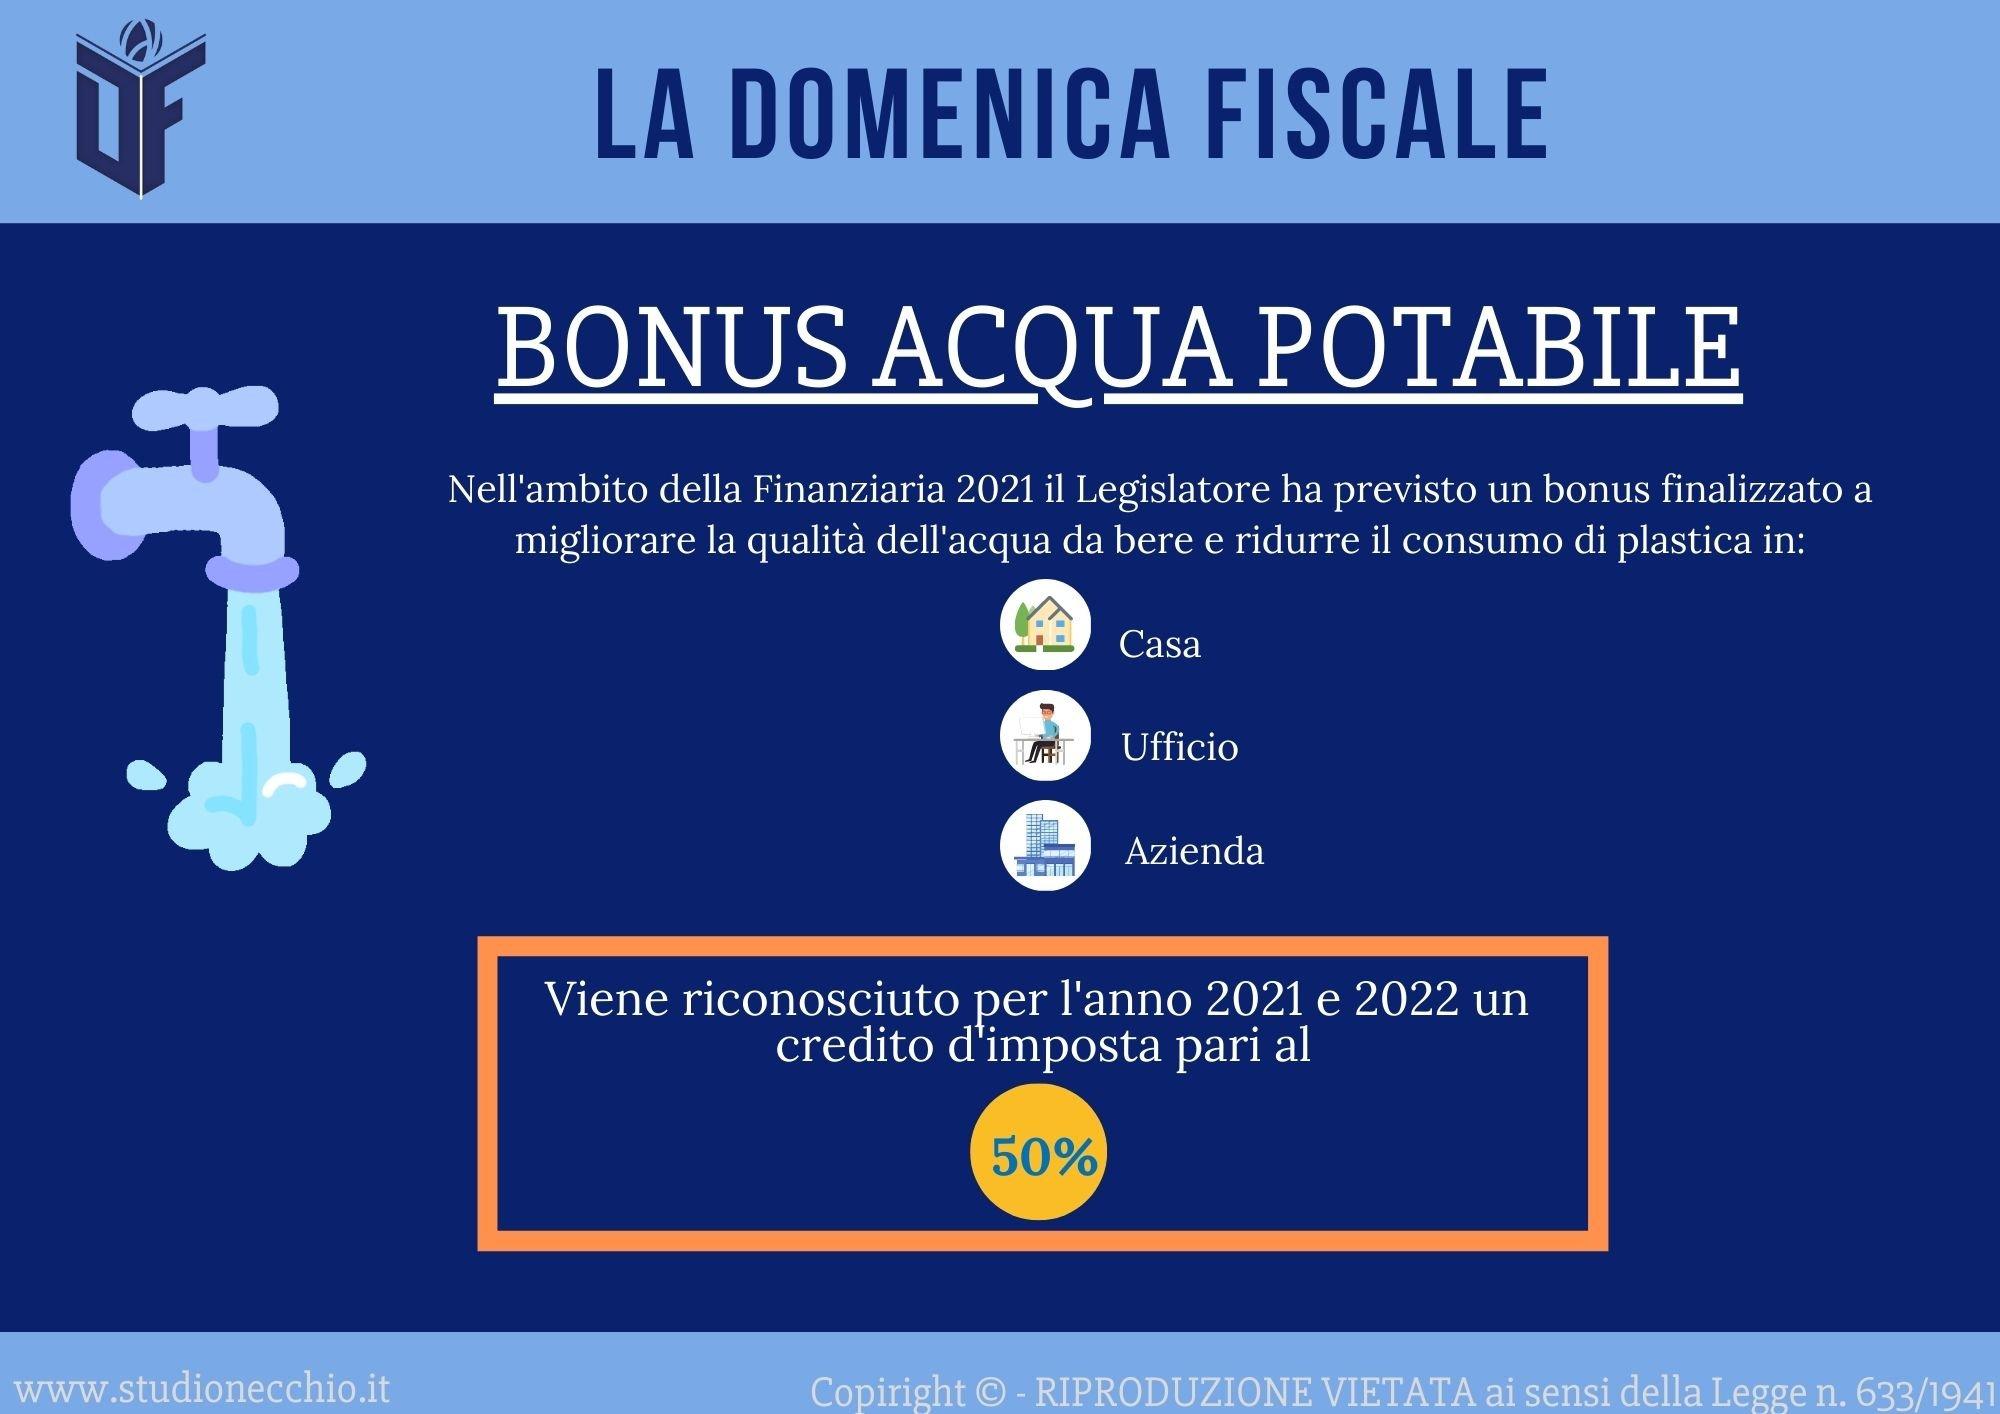 La Domenica Fiscale – Bonus Acqua Potabile